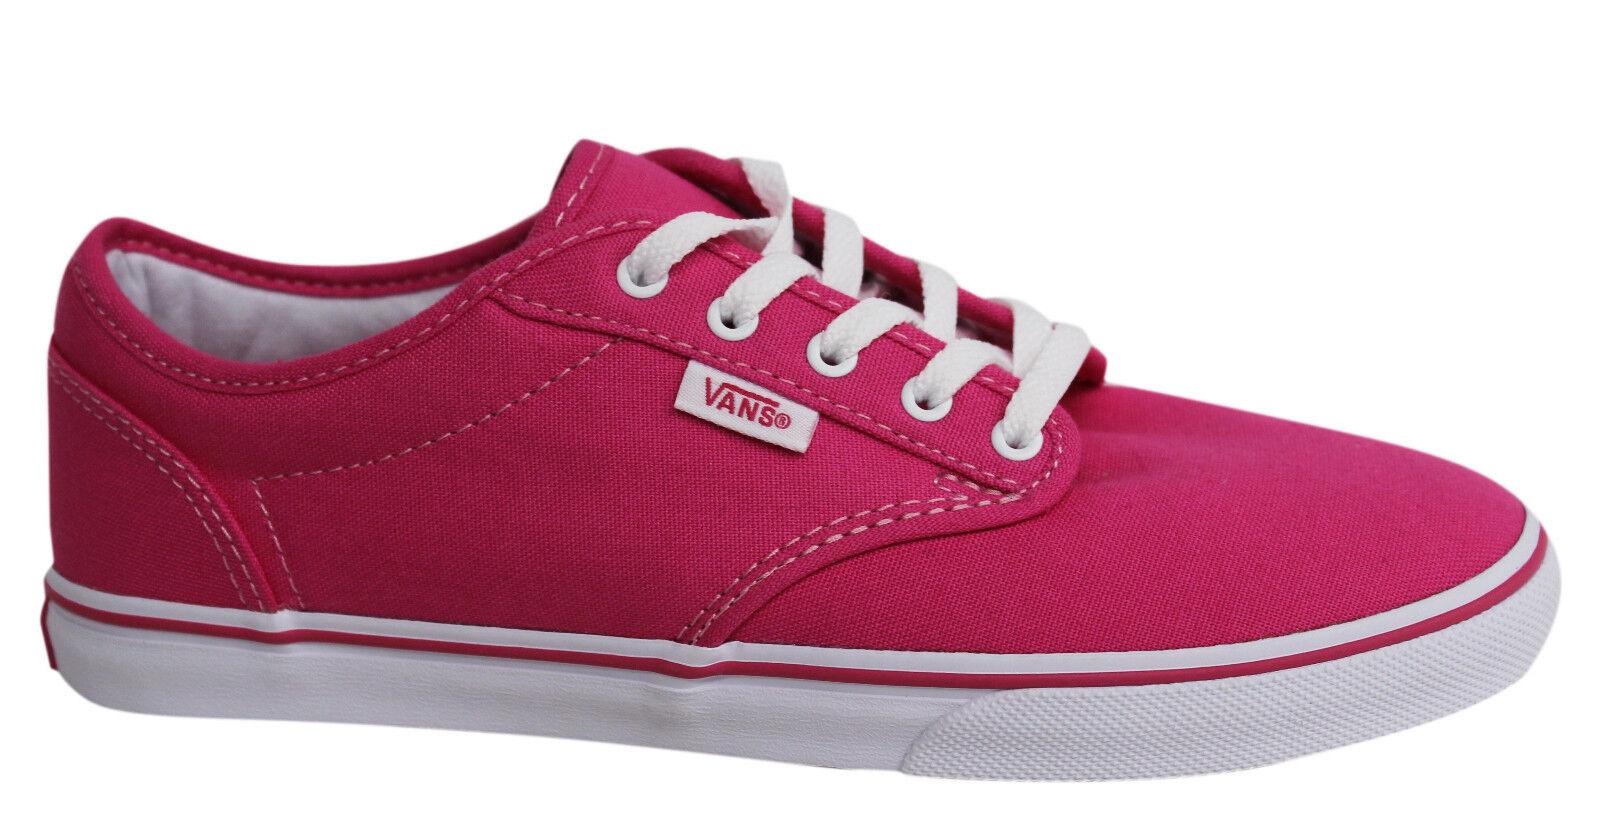 Vans Atwood Lo color rosa,Con Cordones De Zapatillas Deportivas Mujer De Cordones Lona ae7db2